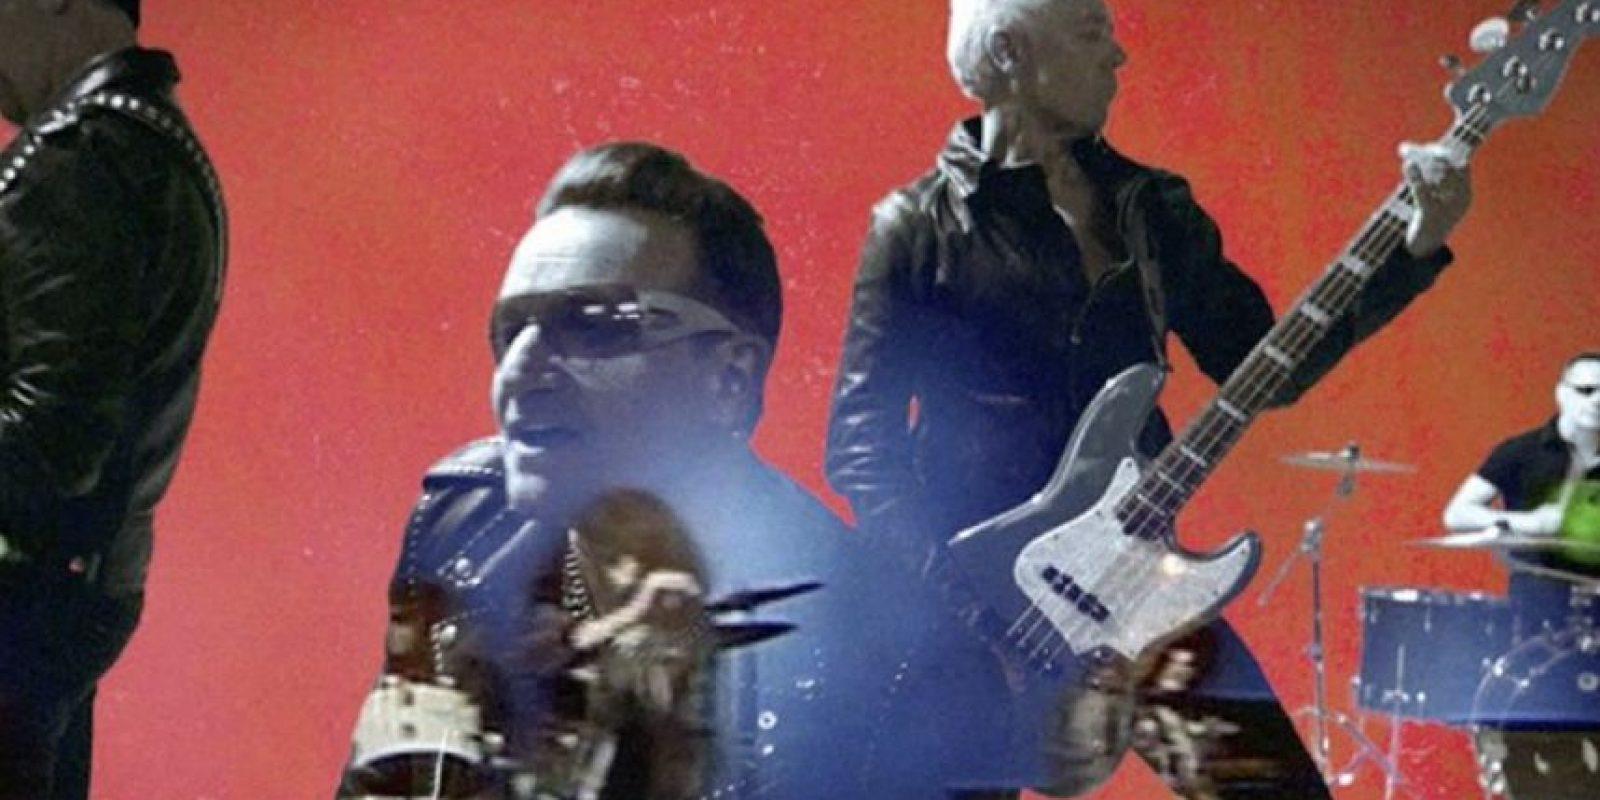 La banda en un video que honra a Joey Ramone. Foto:vía Facebook/U2